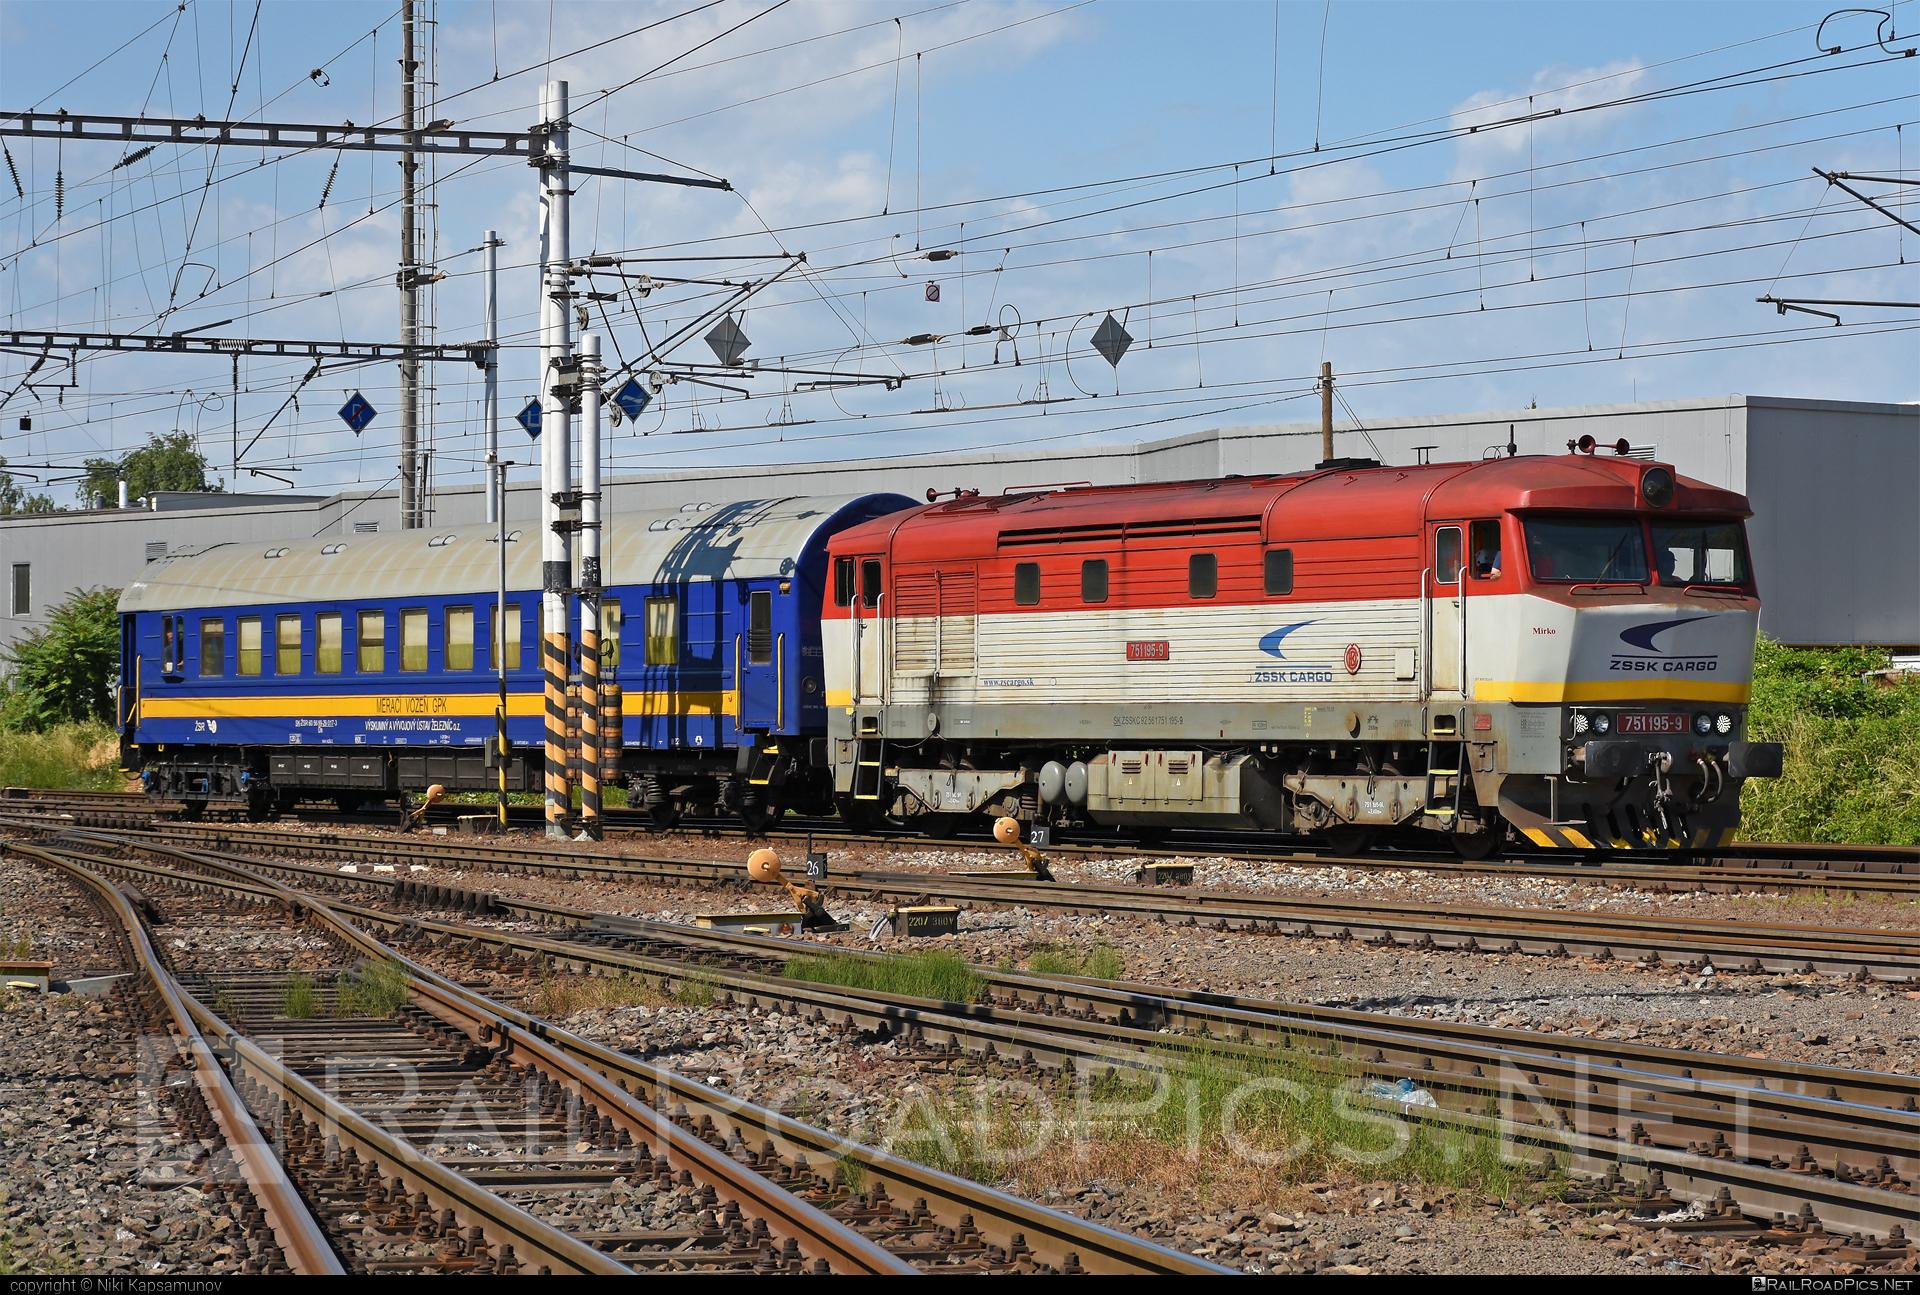 ČKD T 478.1 (751) - 751 195-9 operated by Železničná Spoločnost' Cargo Slovakia a.s. #ZeleznicnaSpolocnostCargoSlovakia #bardotka #cecana #ckd #ckd4781 #ckd751 #ckdt4781 #zamracena #zsskcargo